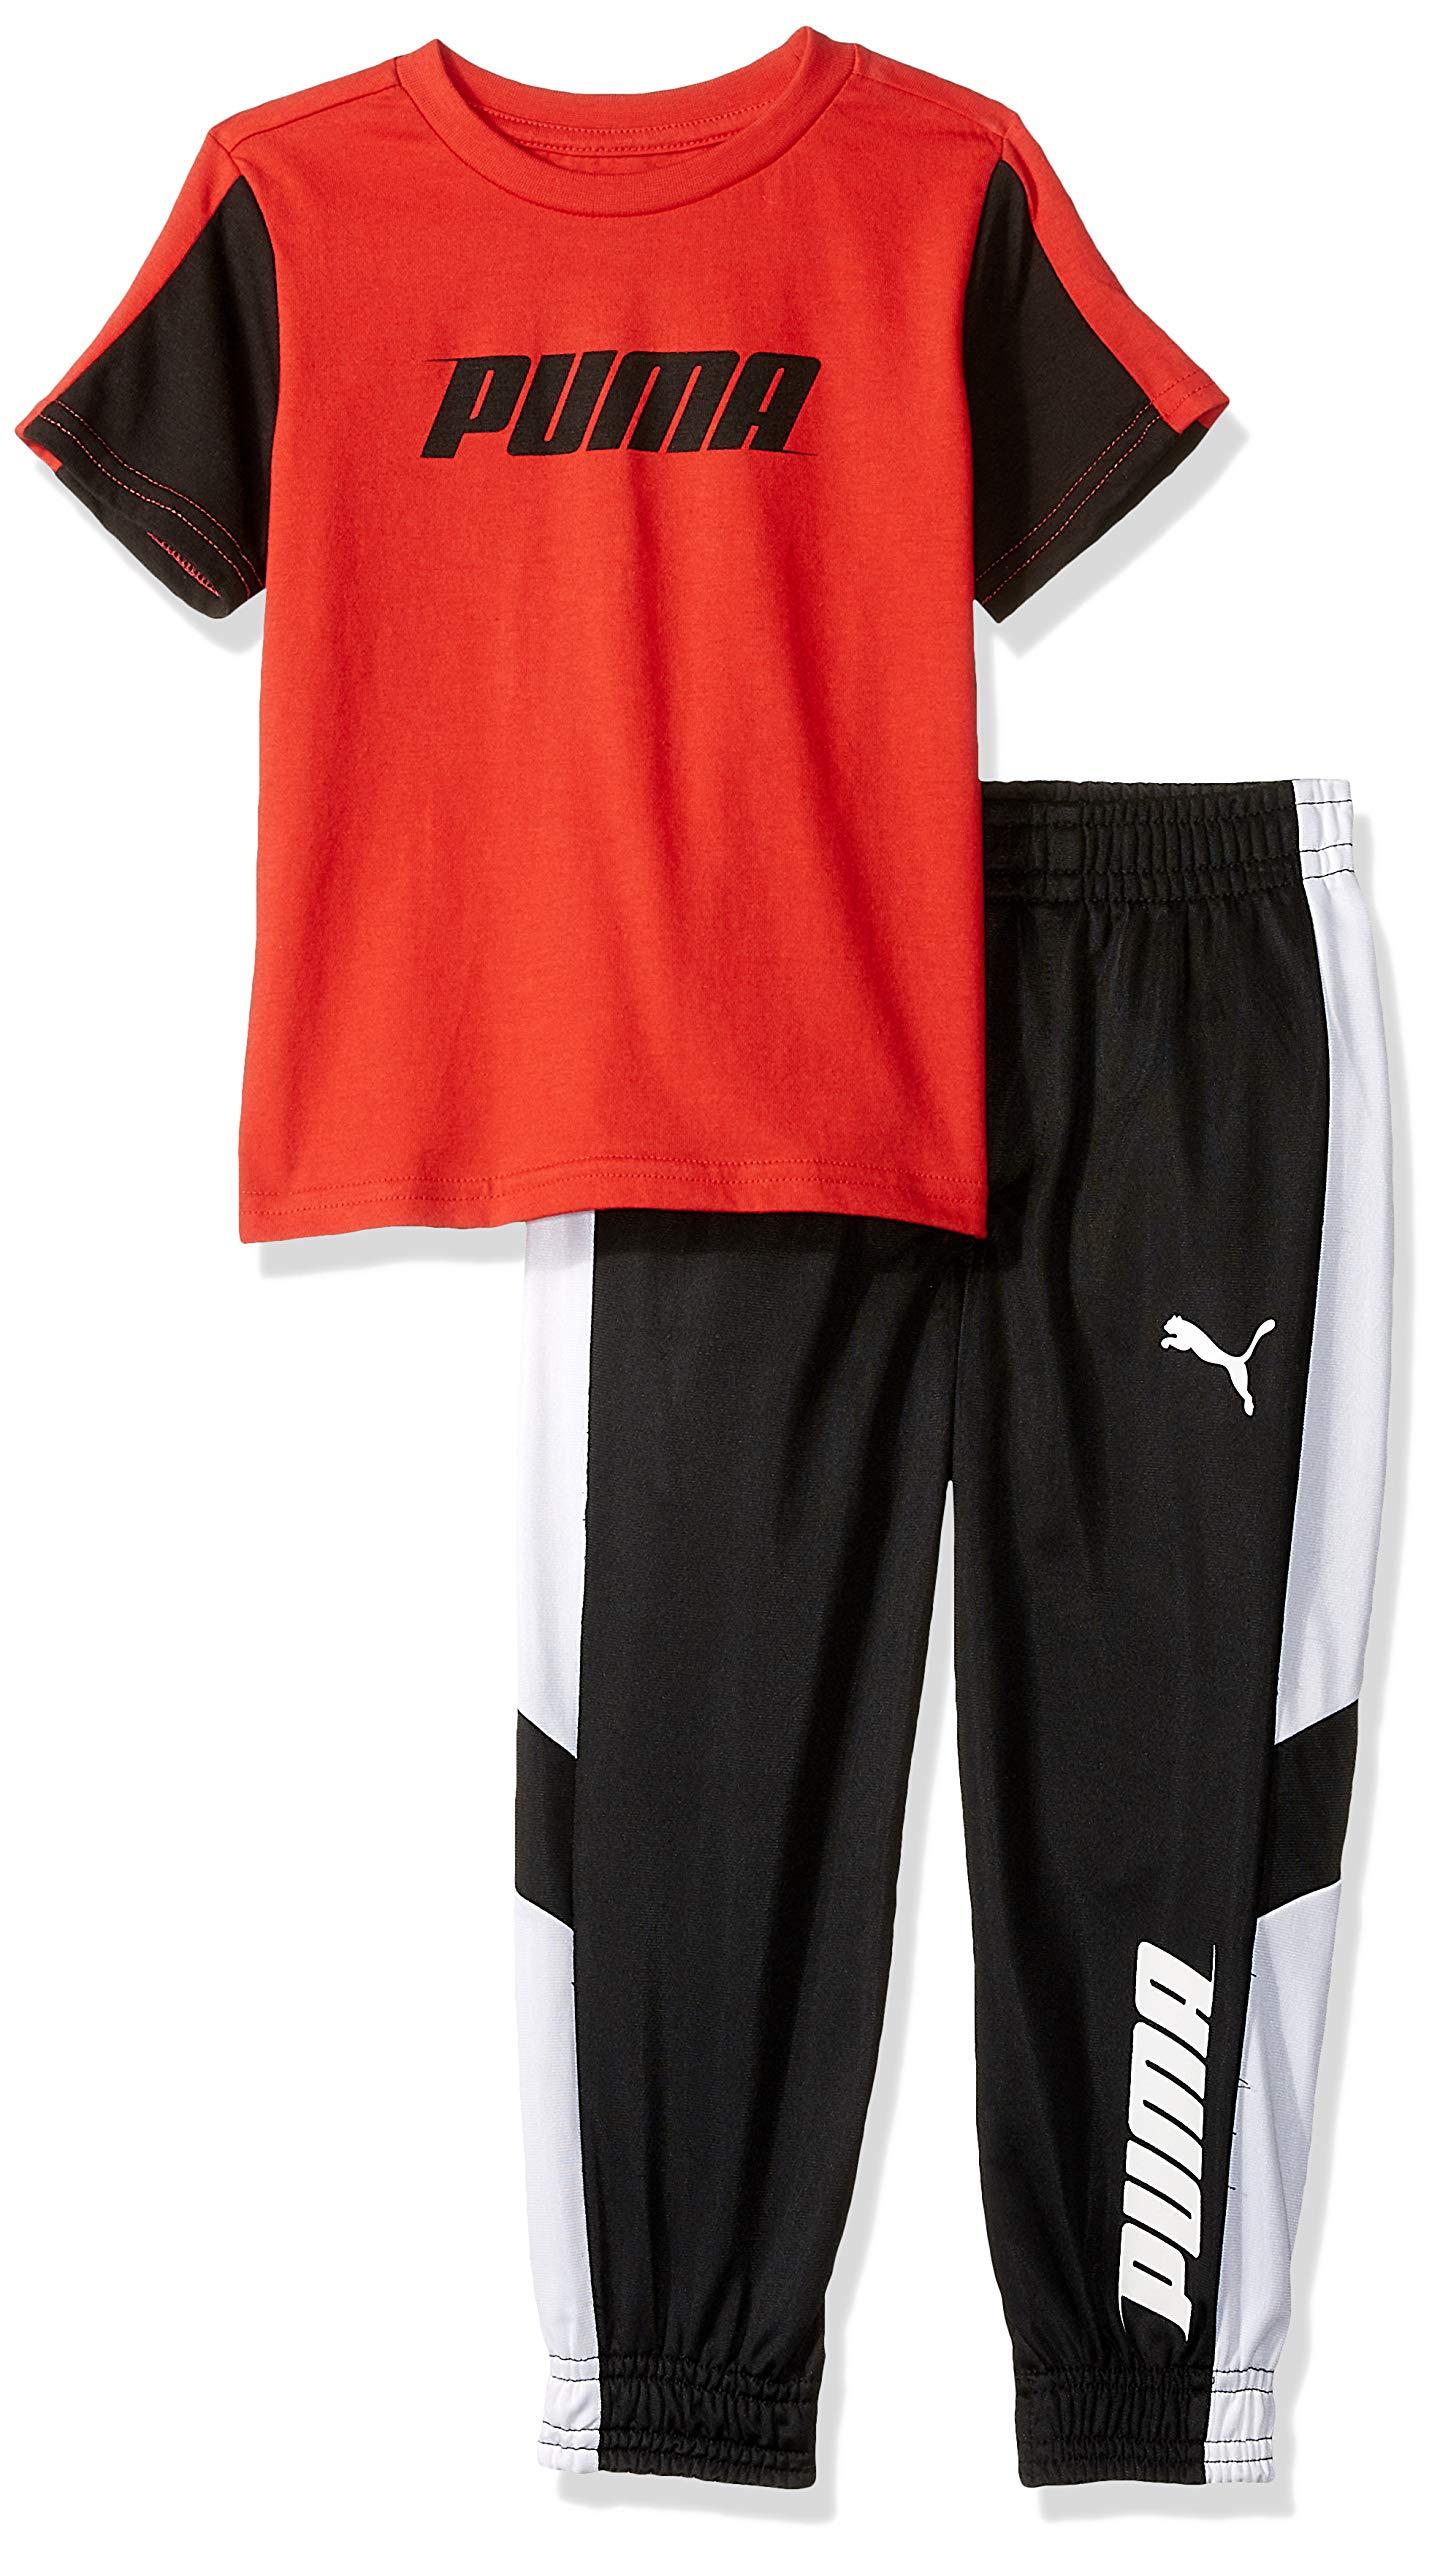 PUMA Boys' T-Shirt & Pant Set